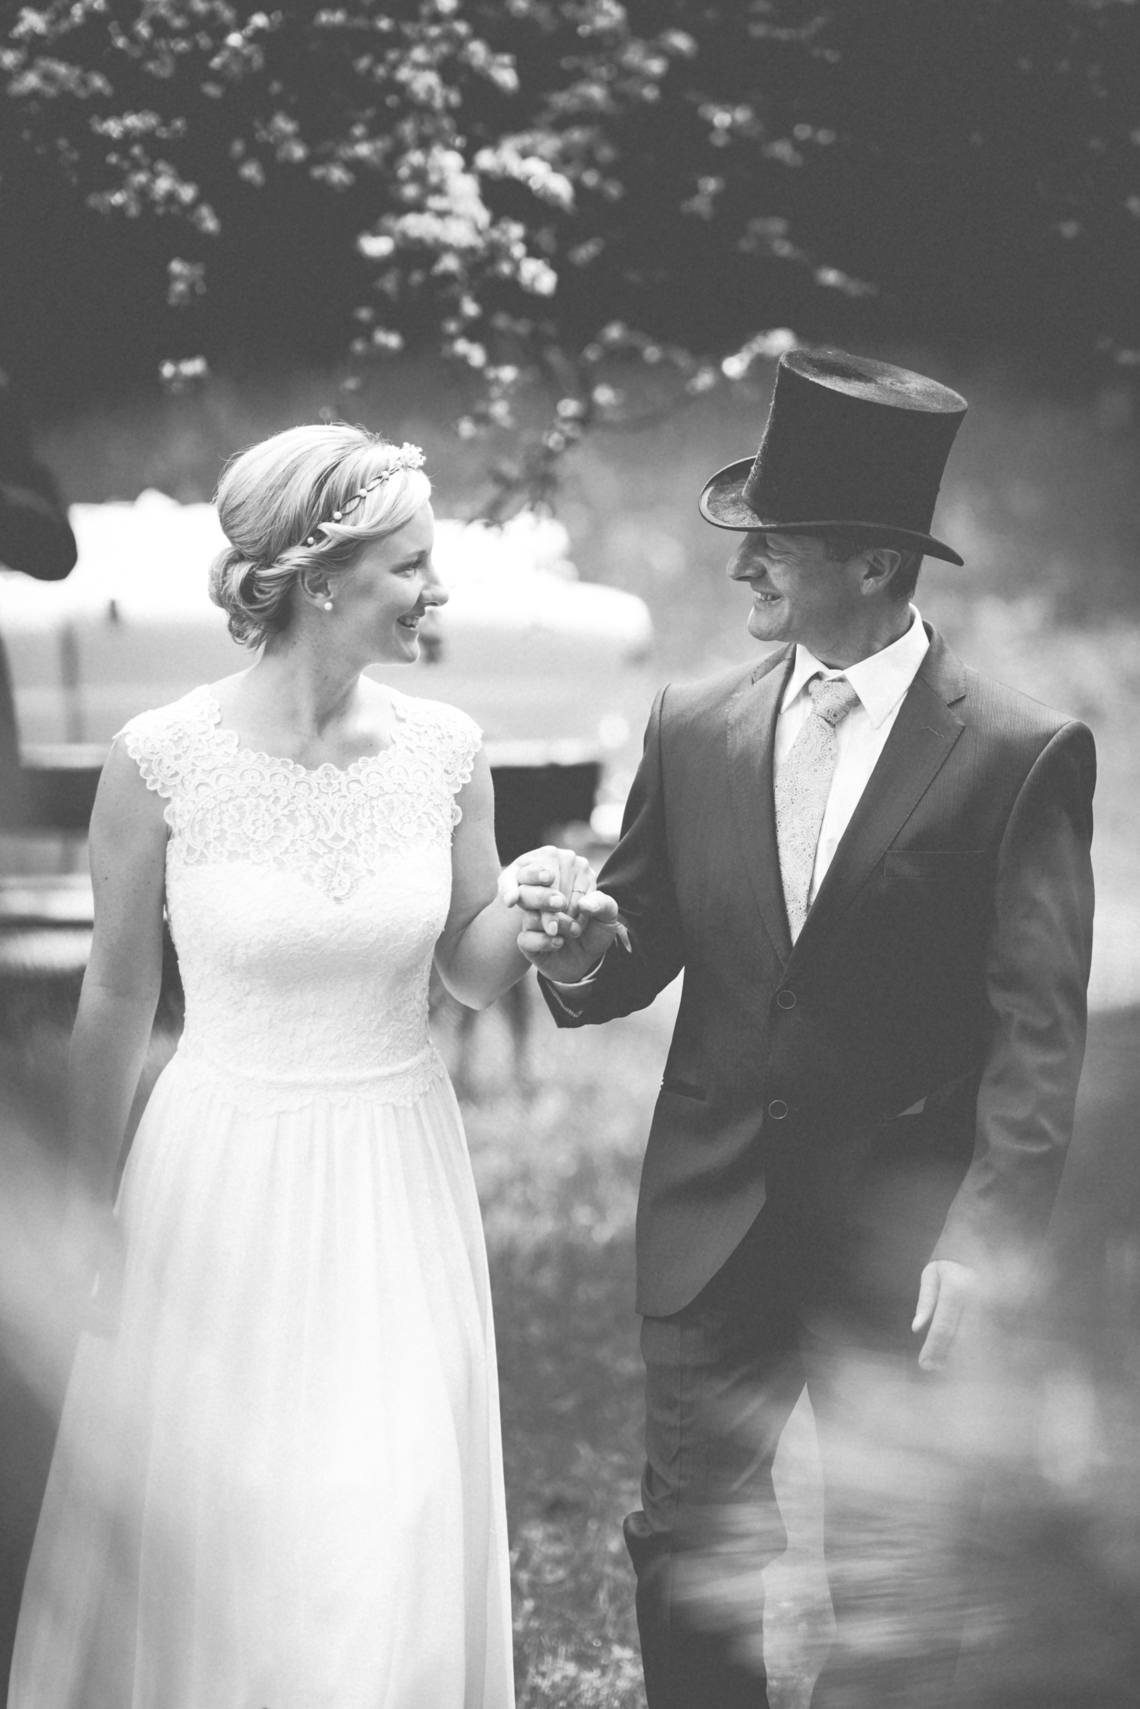 0014_20160528_CKE_0618_Susanne_Robert_Hochzeit